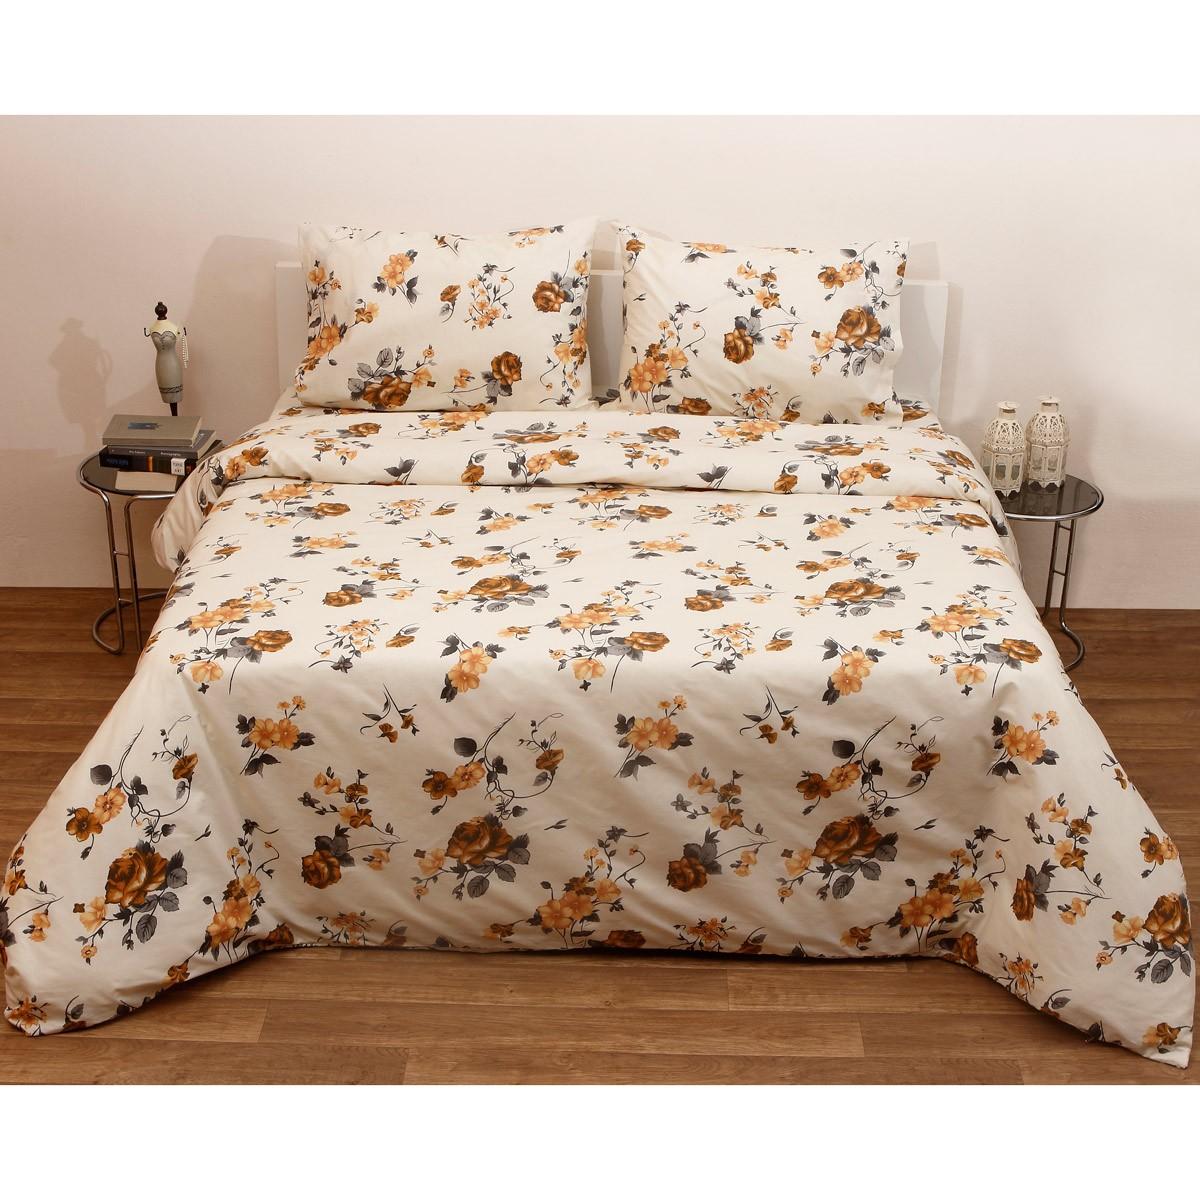 Κουβερλί Μονό Viopros Basic 816 home   κρεβατοκάμαρα   κουβερλί   κουβερλί μονά